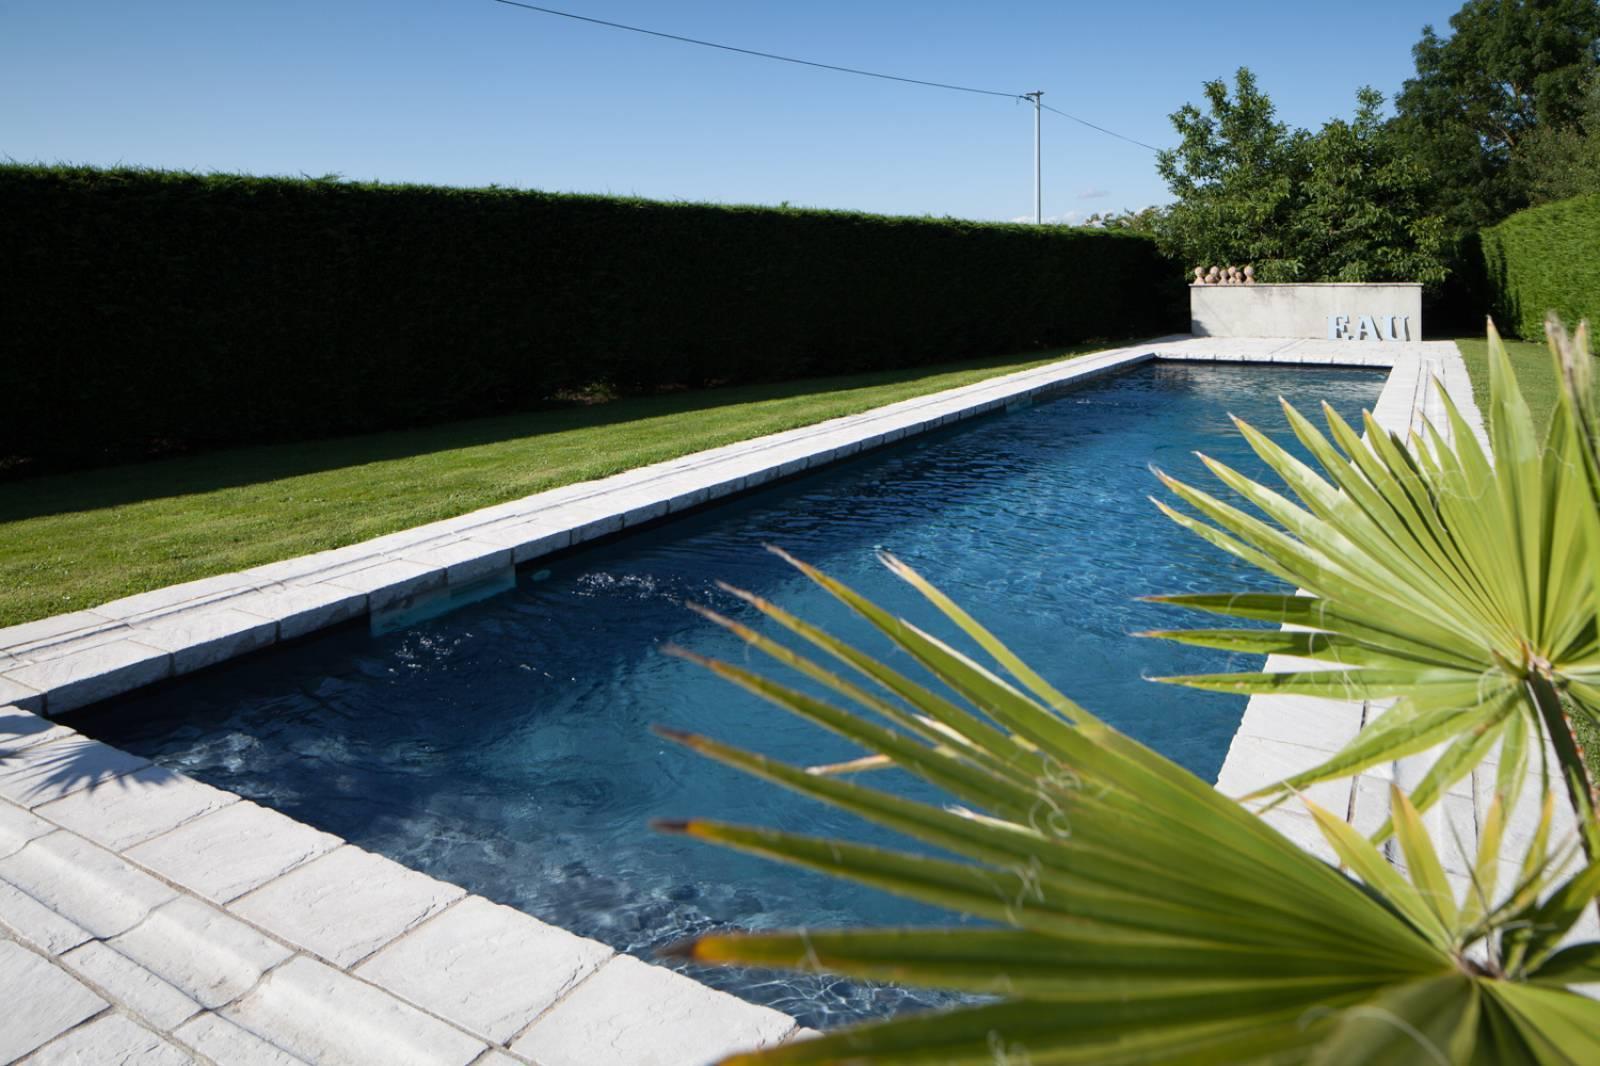 Piscine Beton Avec Plage Immergée piscine en béton couloir de nage et plage immergée à